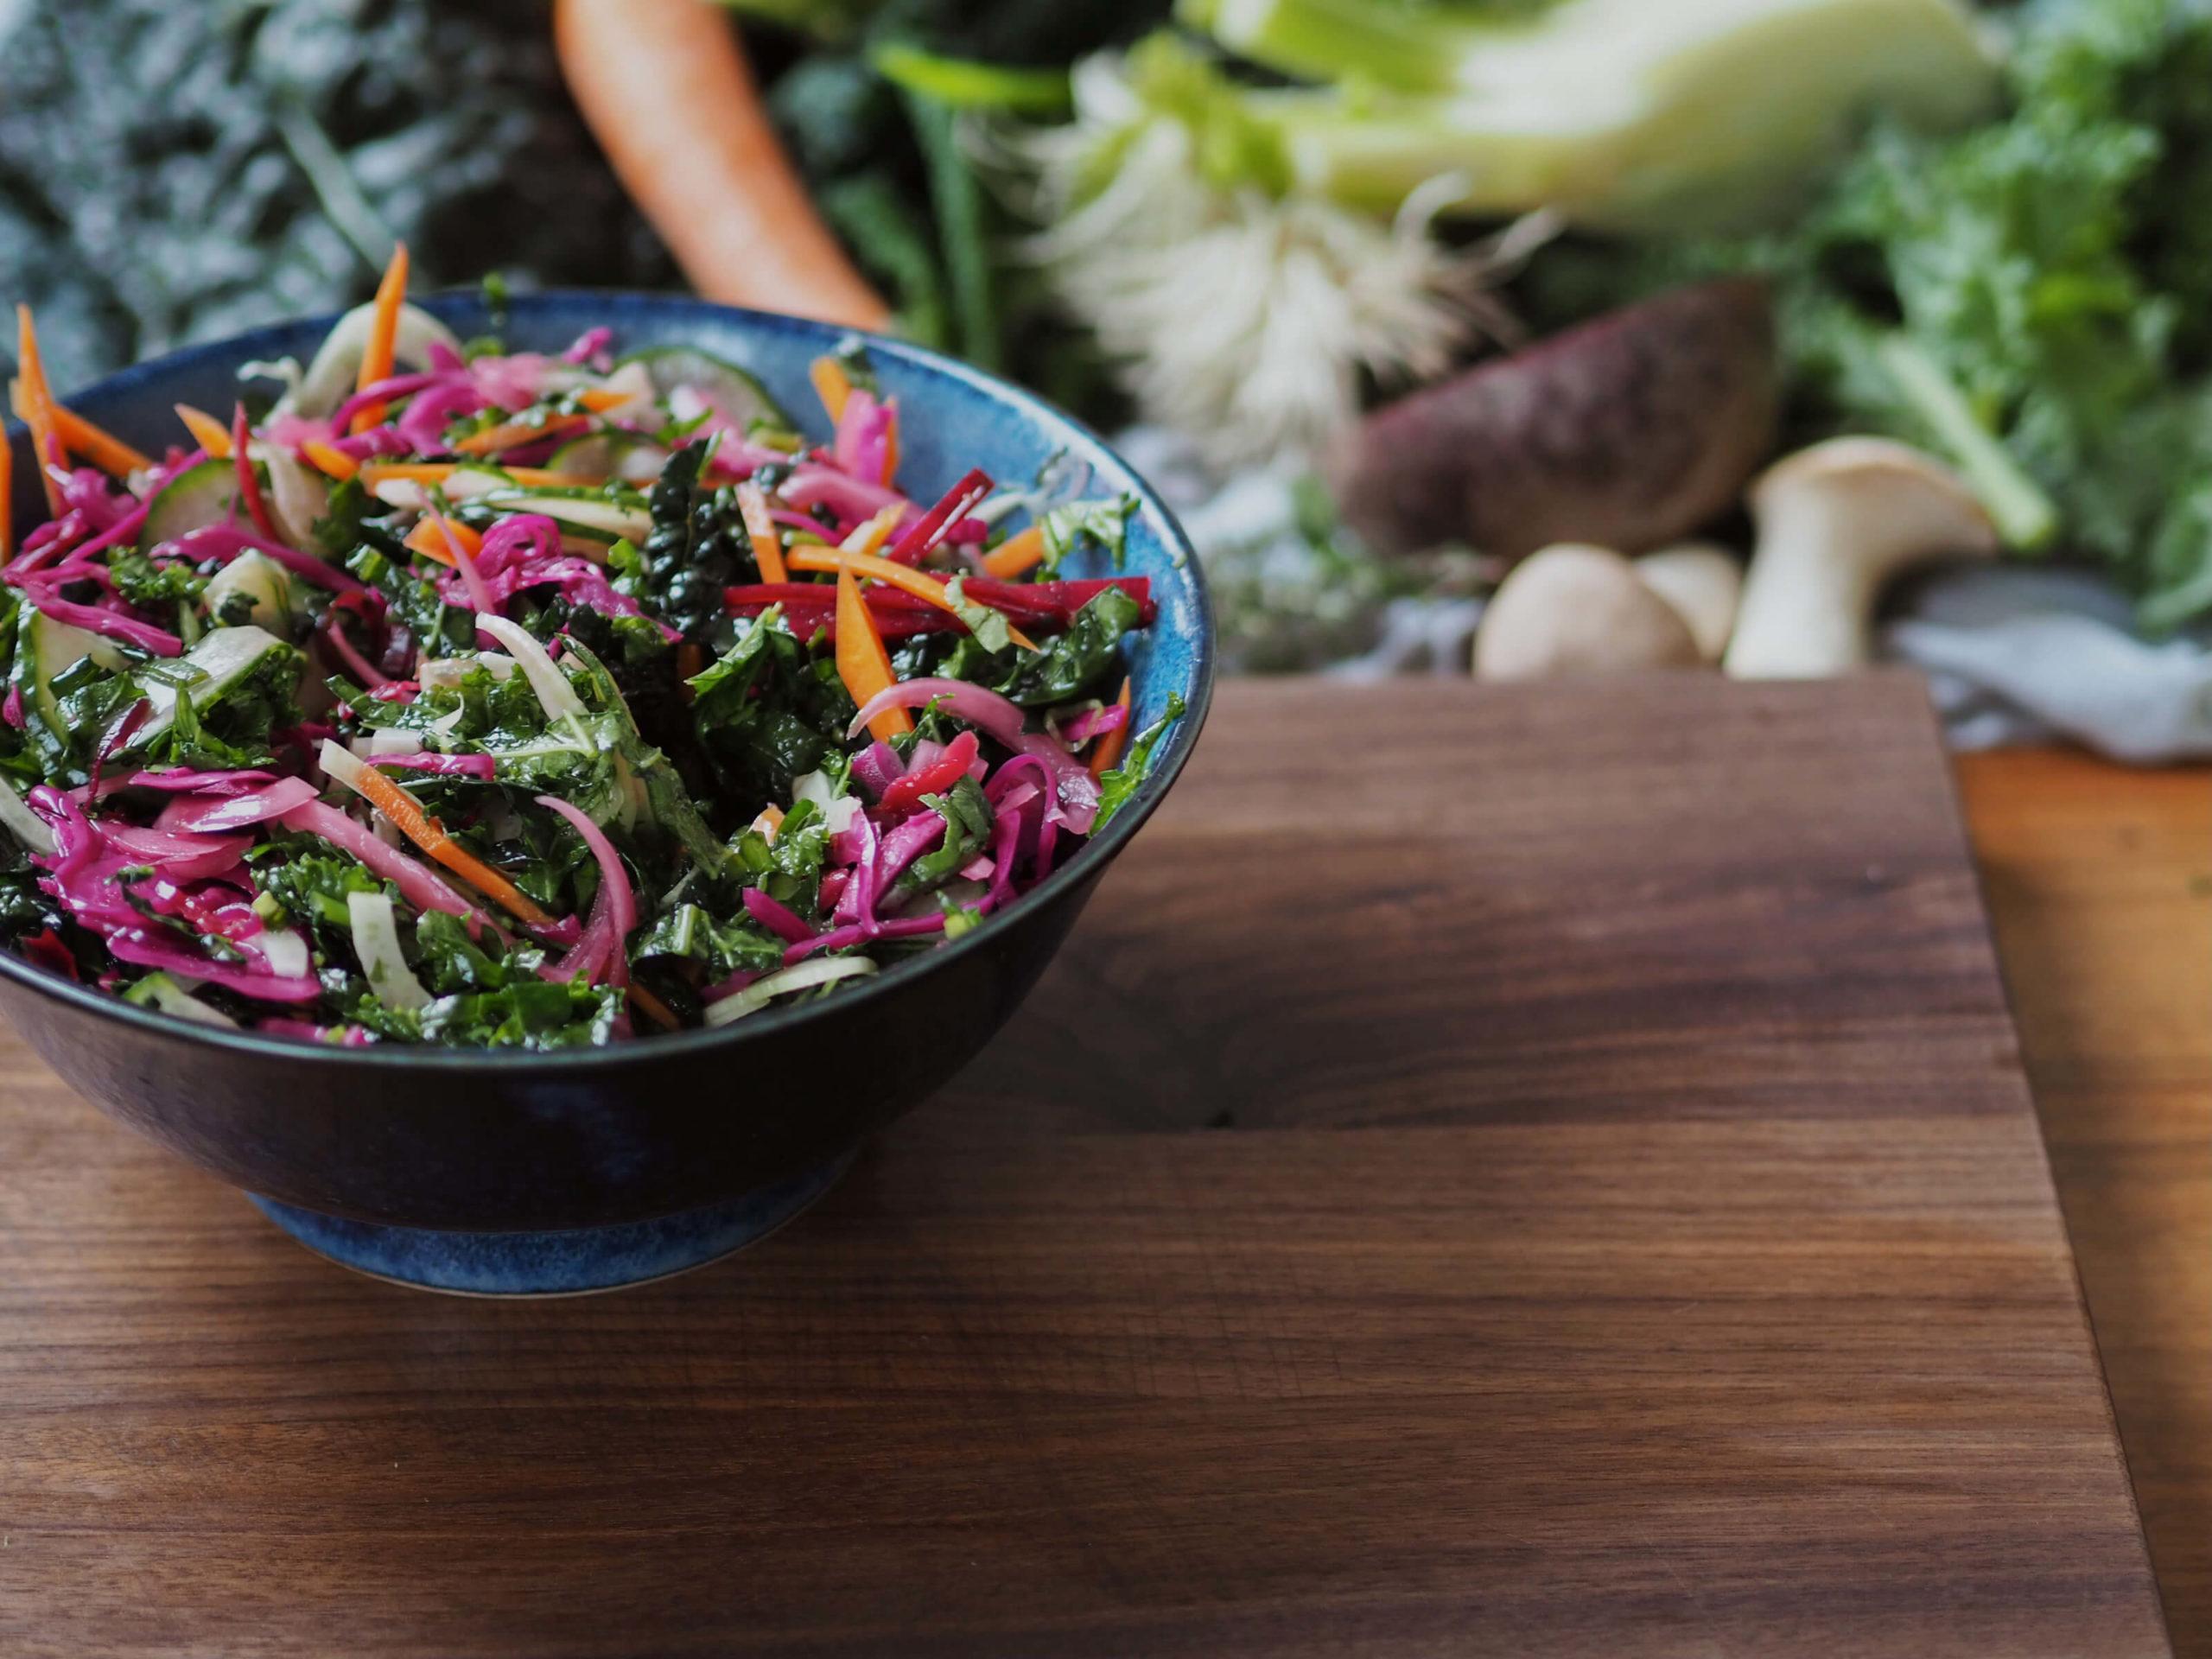 Herbstlicher Salat | Beilage |Gemüse |frischer Salat